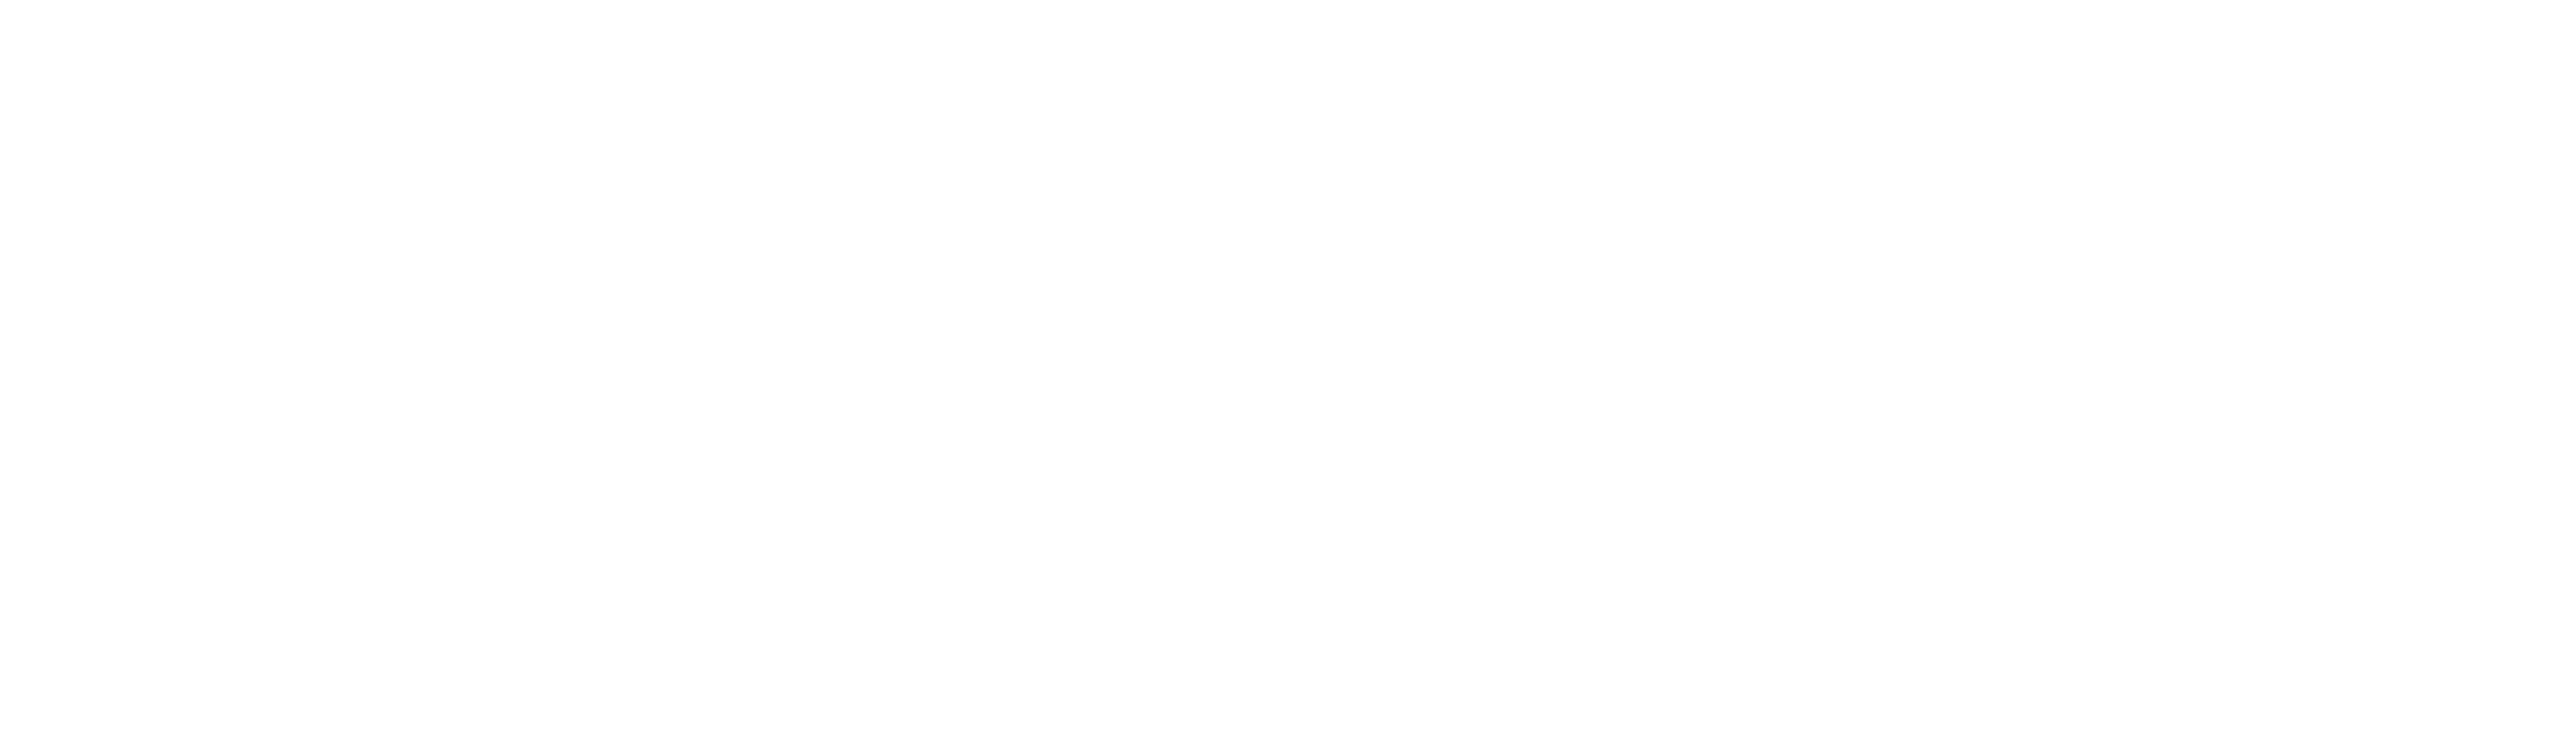 LK2017 Røros - Navnetrekk - hvit - transparent bakgrunn.png